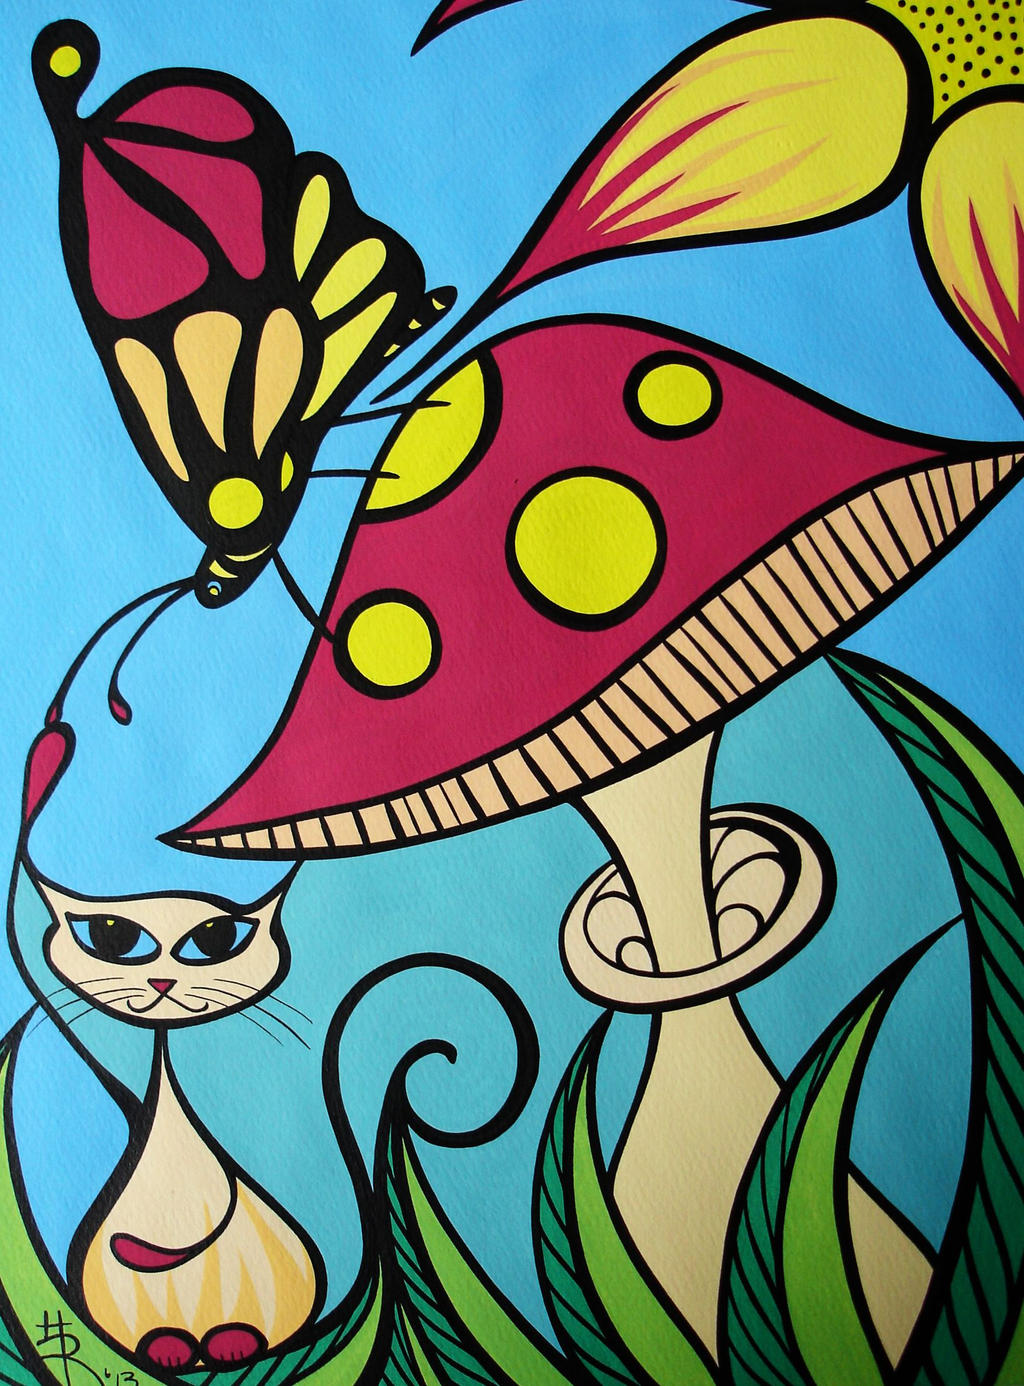 Flutter By by essencestudios